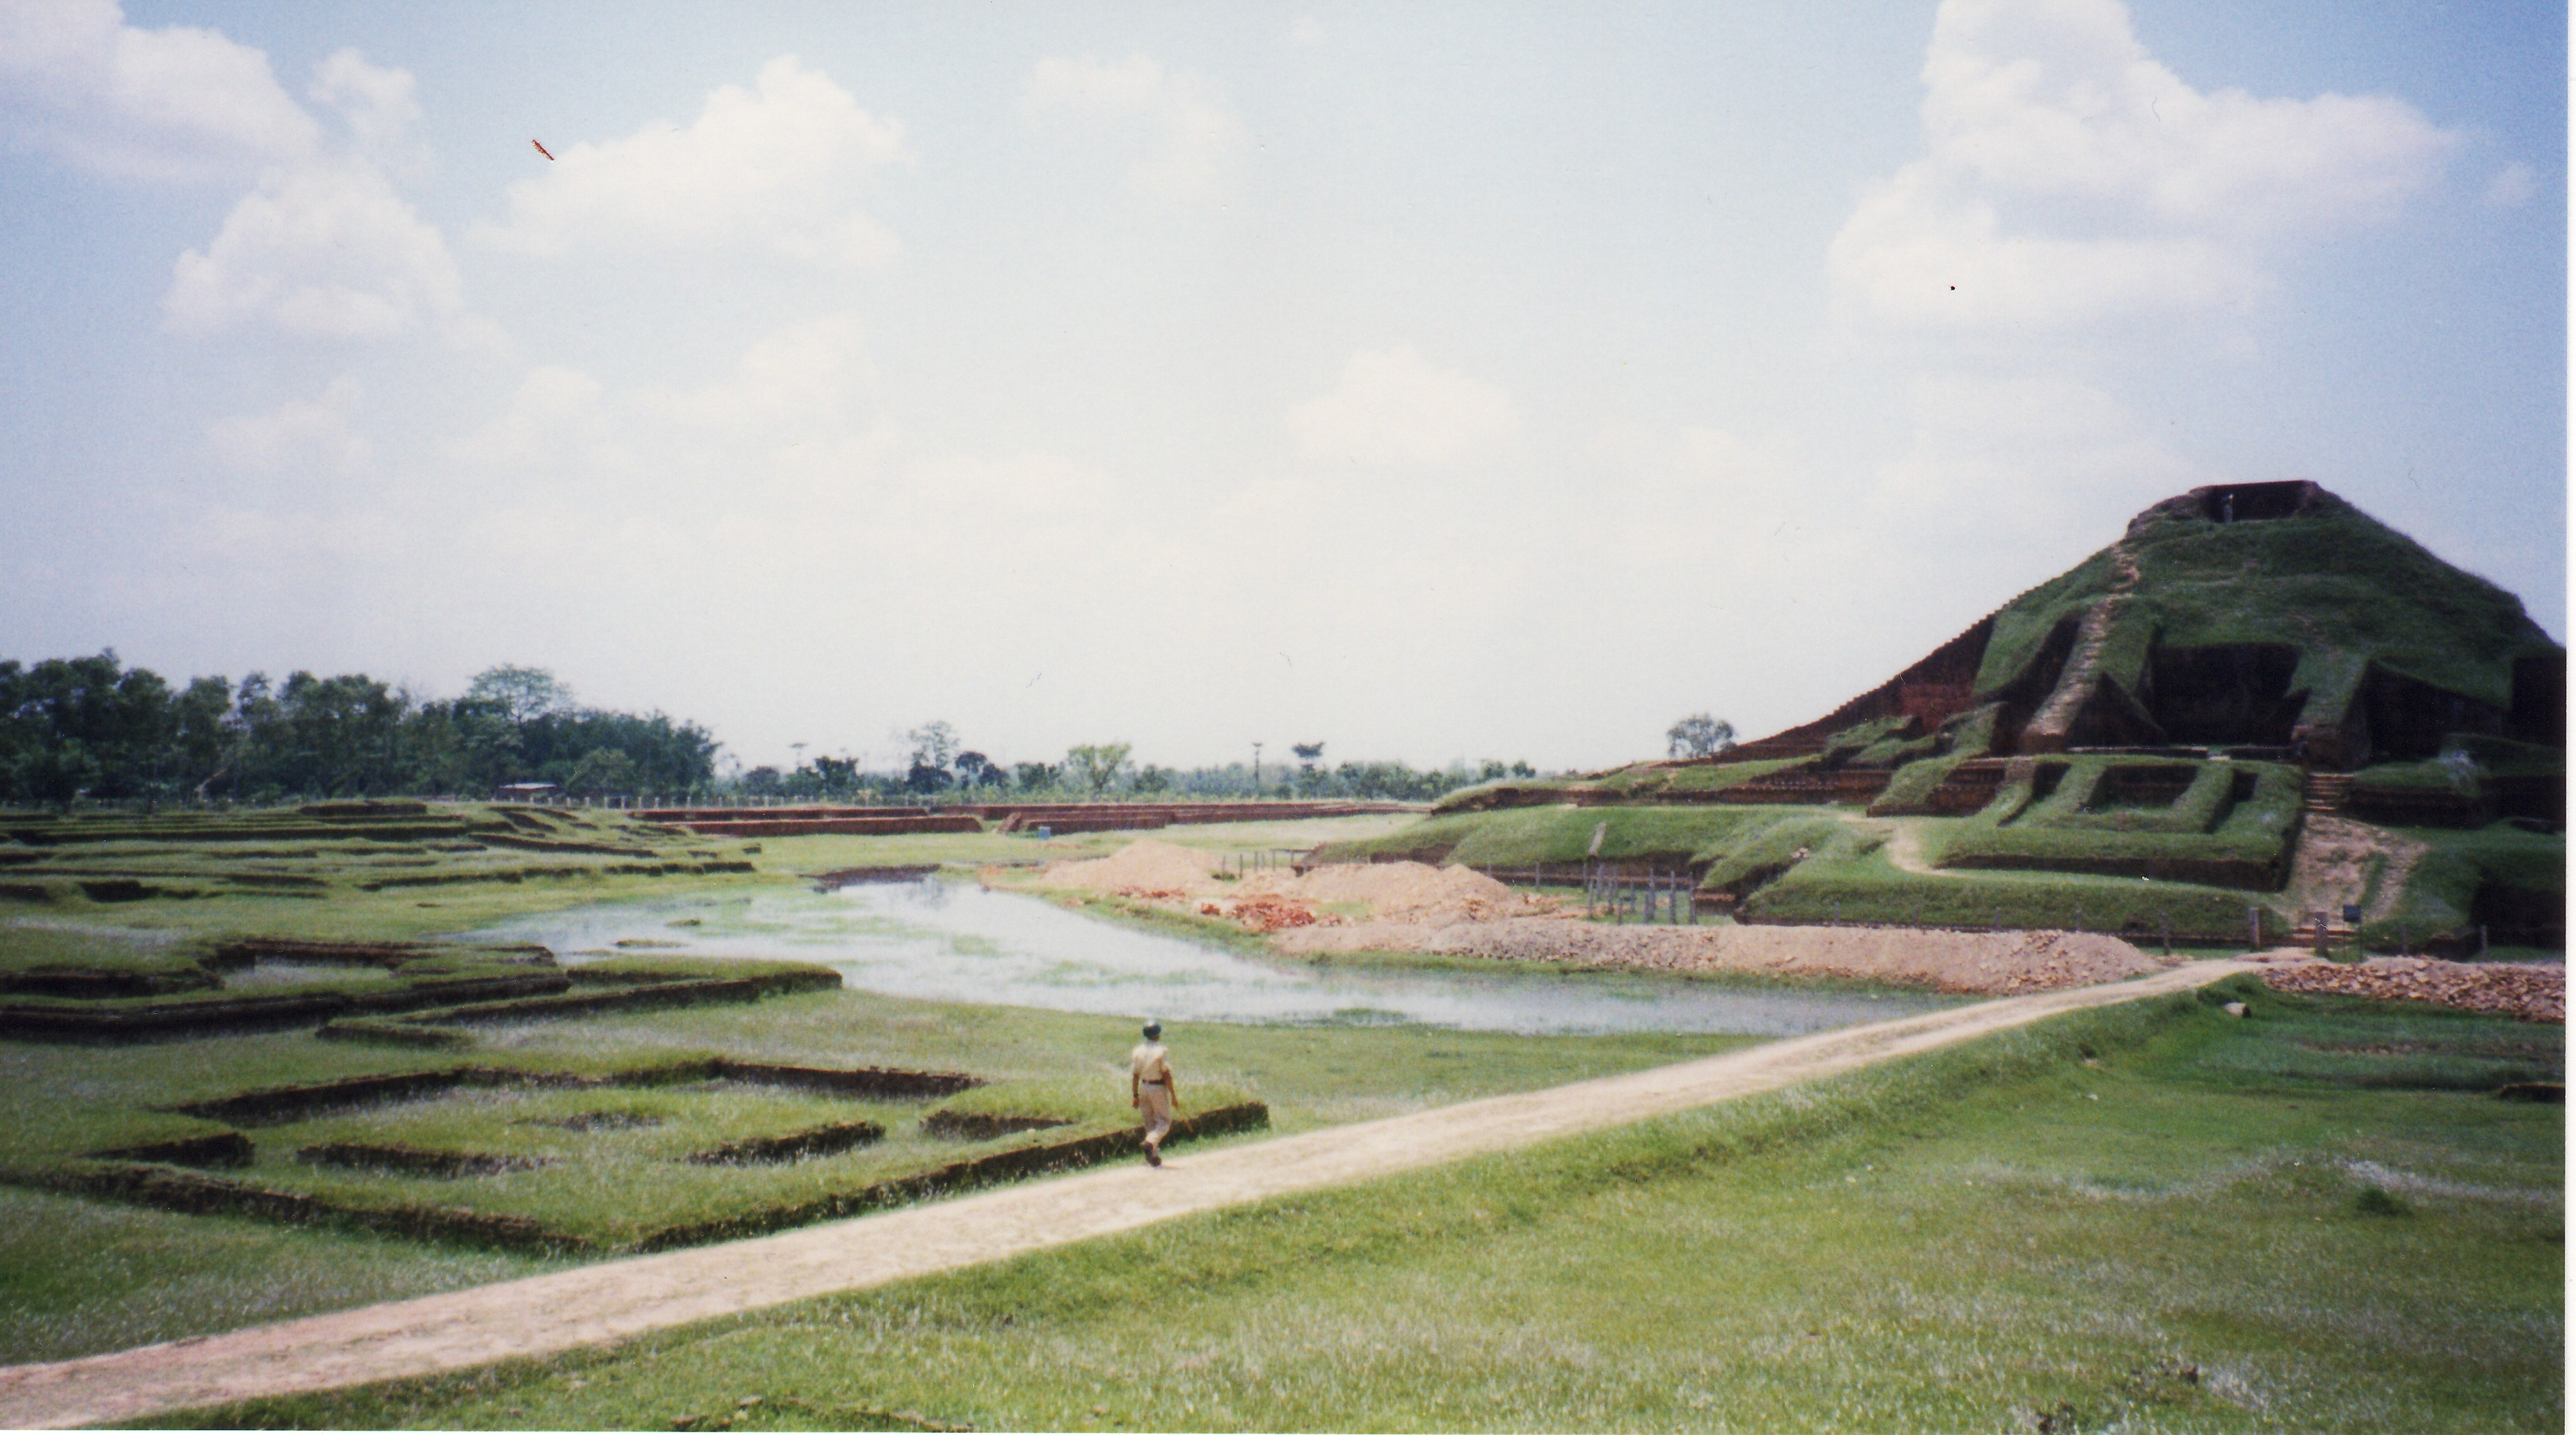 バングラデシュの場所はどこ?観光おすすめスポットを厳選!世界遺産もあり!